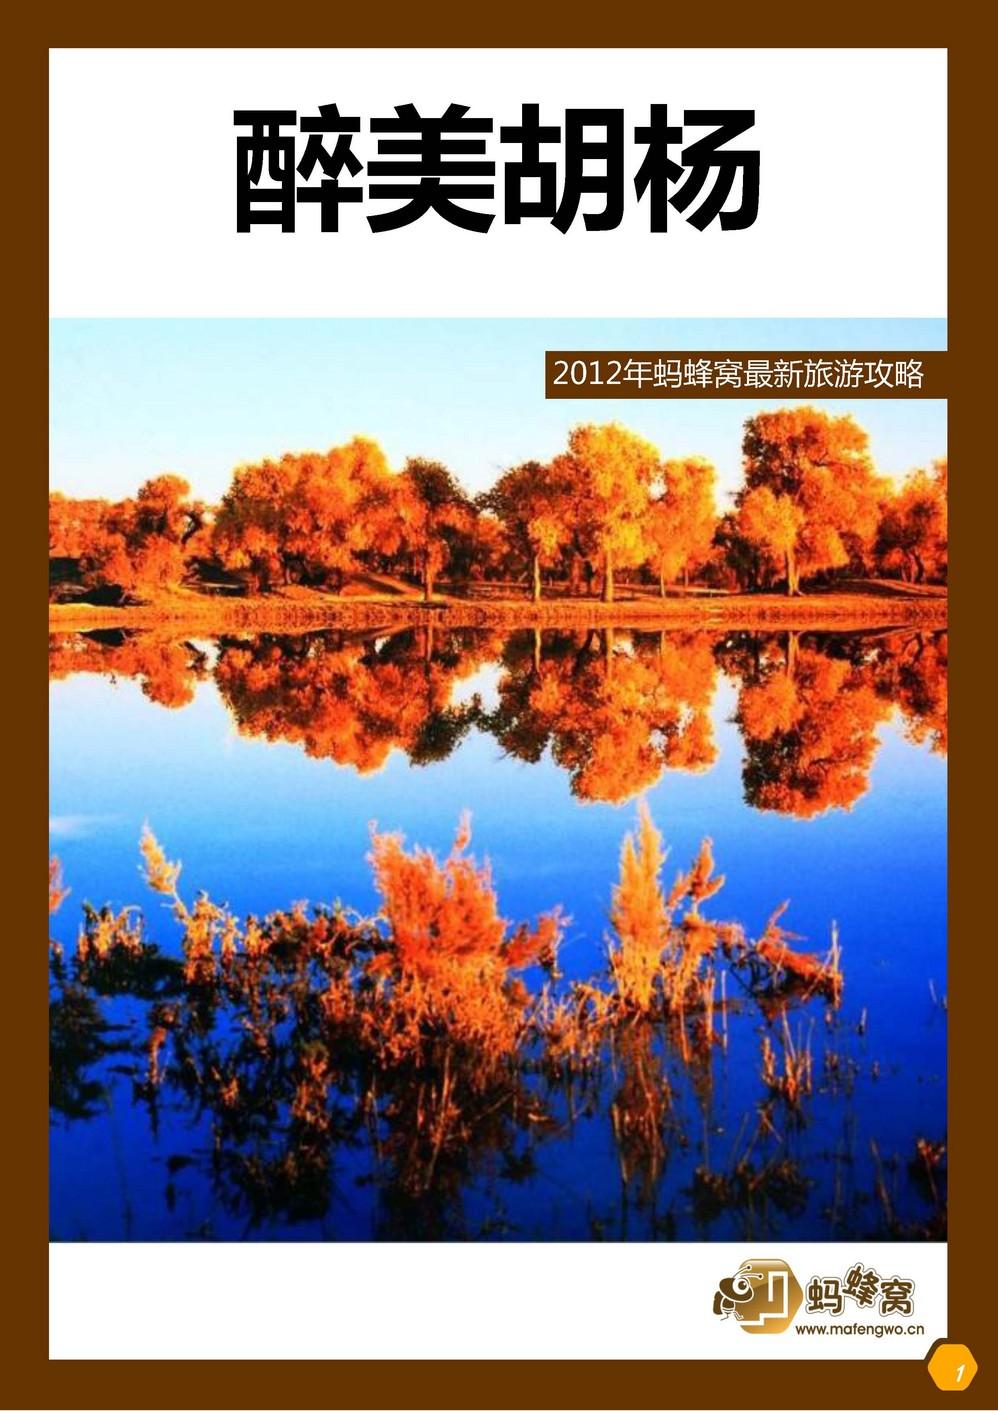 新疆红山大峡谷_北疆旅游景点,北疆旅游景区,北疆旅游景点推荐-蚂蜂窝旅游指南